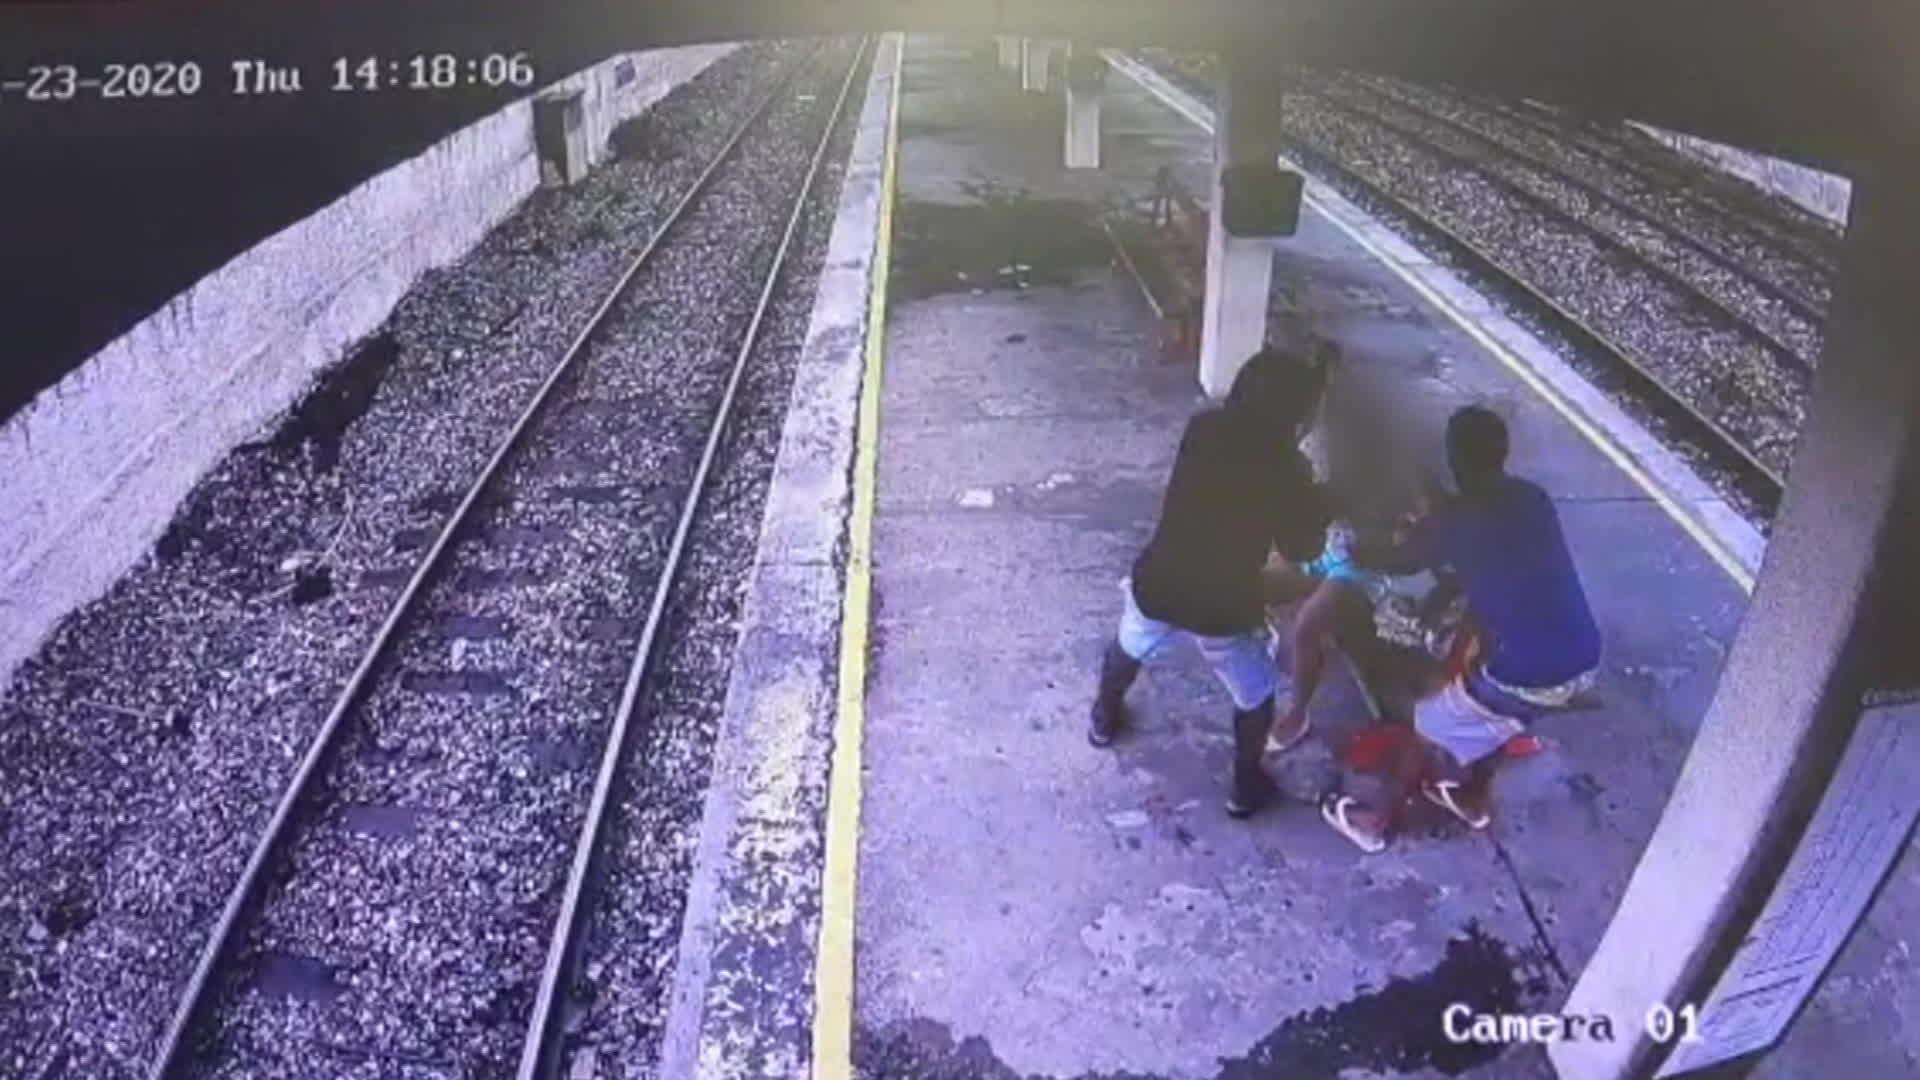 Vídeo mostra dois homens roubando bolsa de passageira em estação de trem da Supervia, Rio